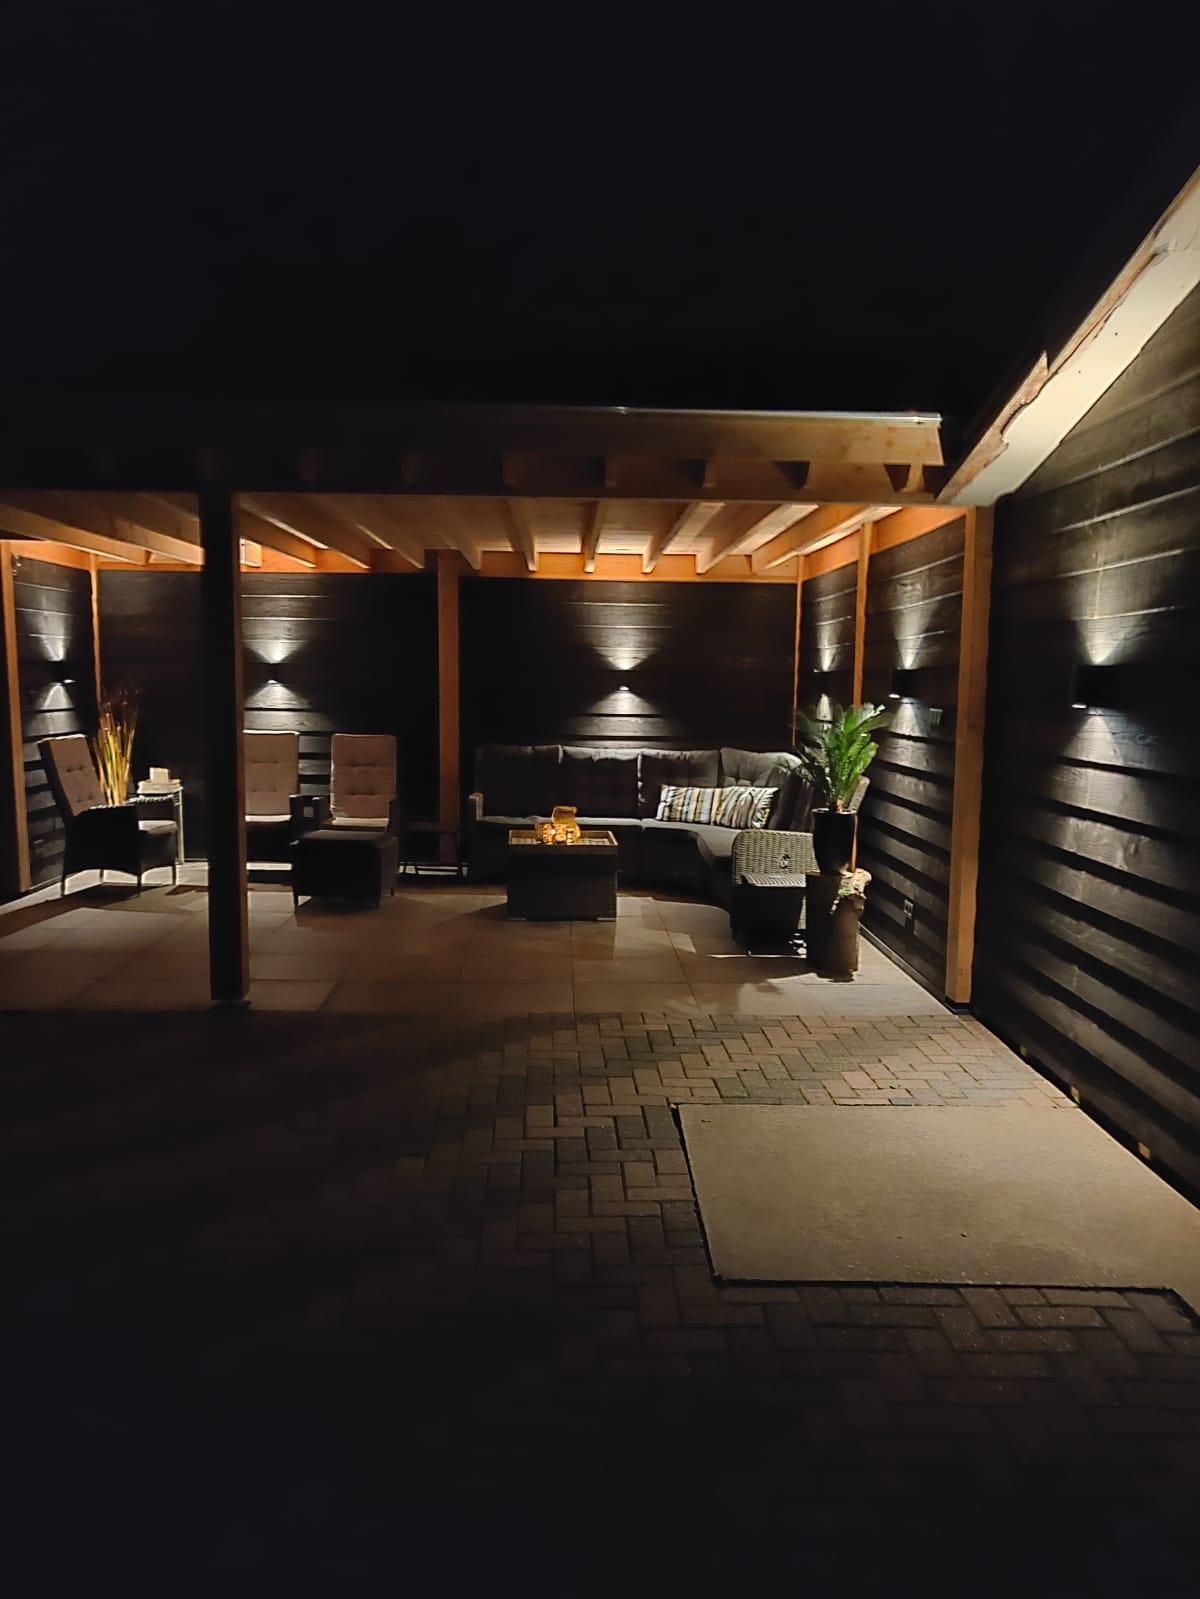 Sfeerimpressie LED verlichting overkapping - tuinverlichting